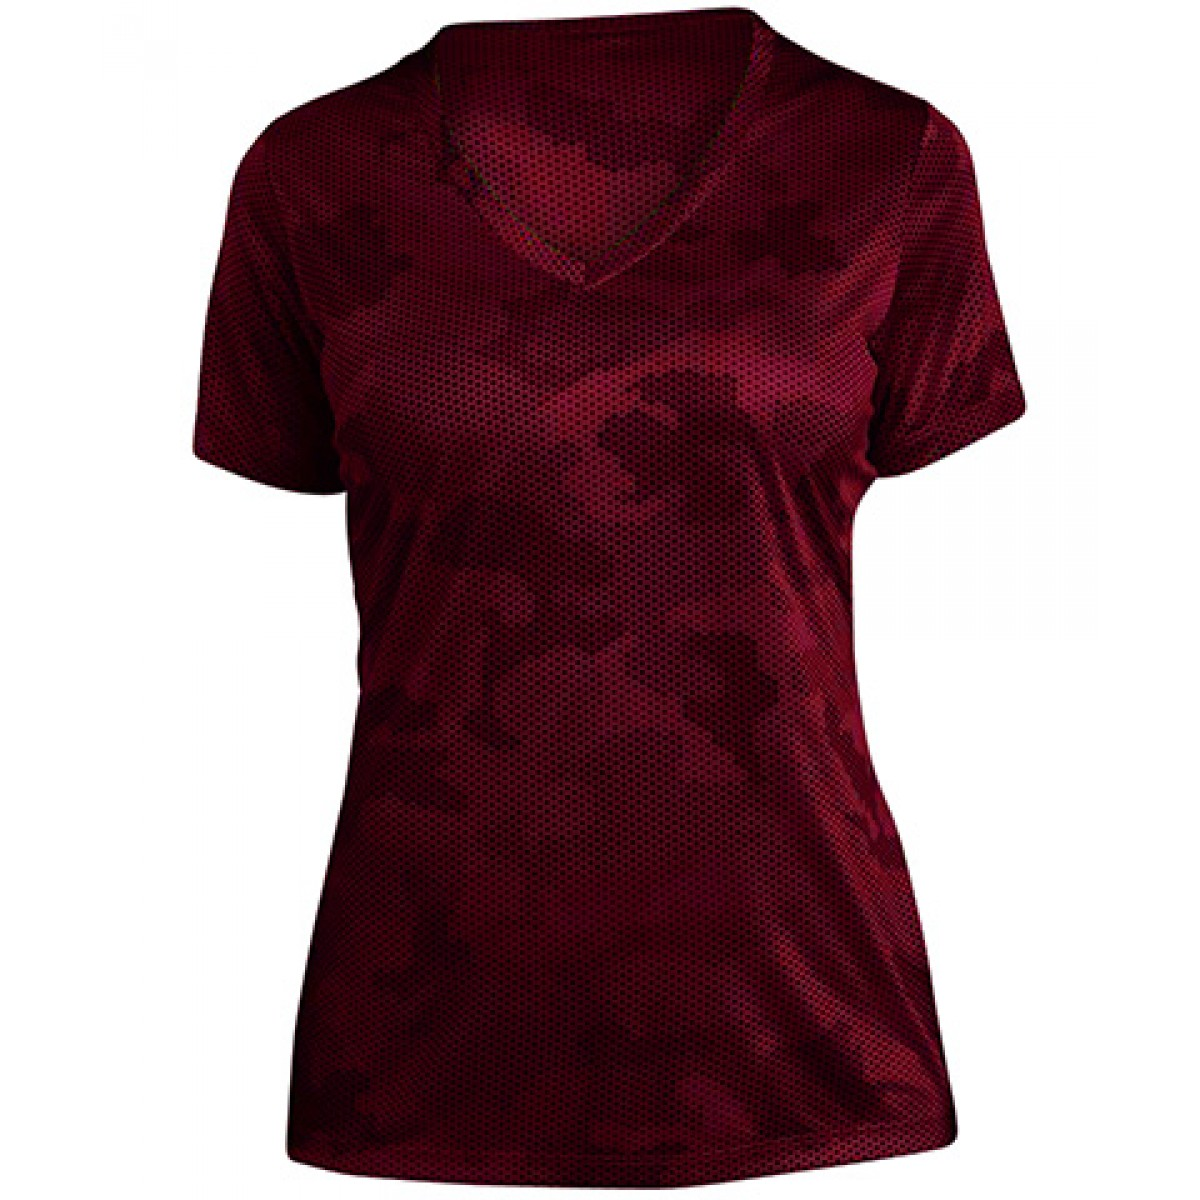 Ladies CamoHex V-Neck Tee-Red-S